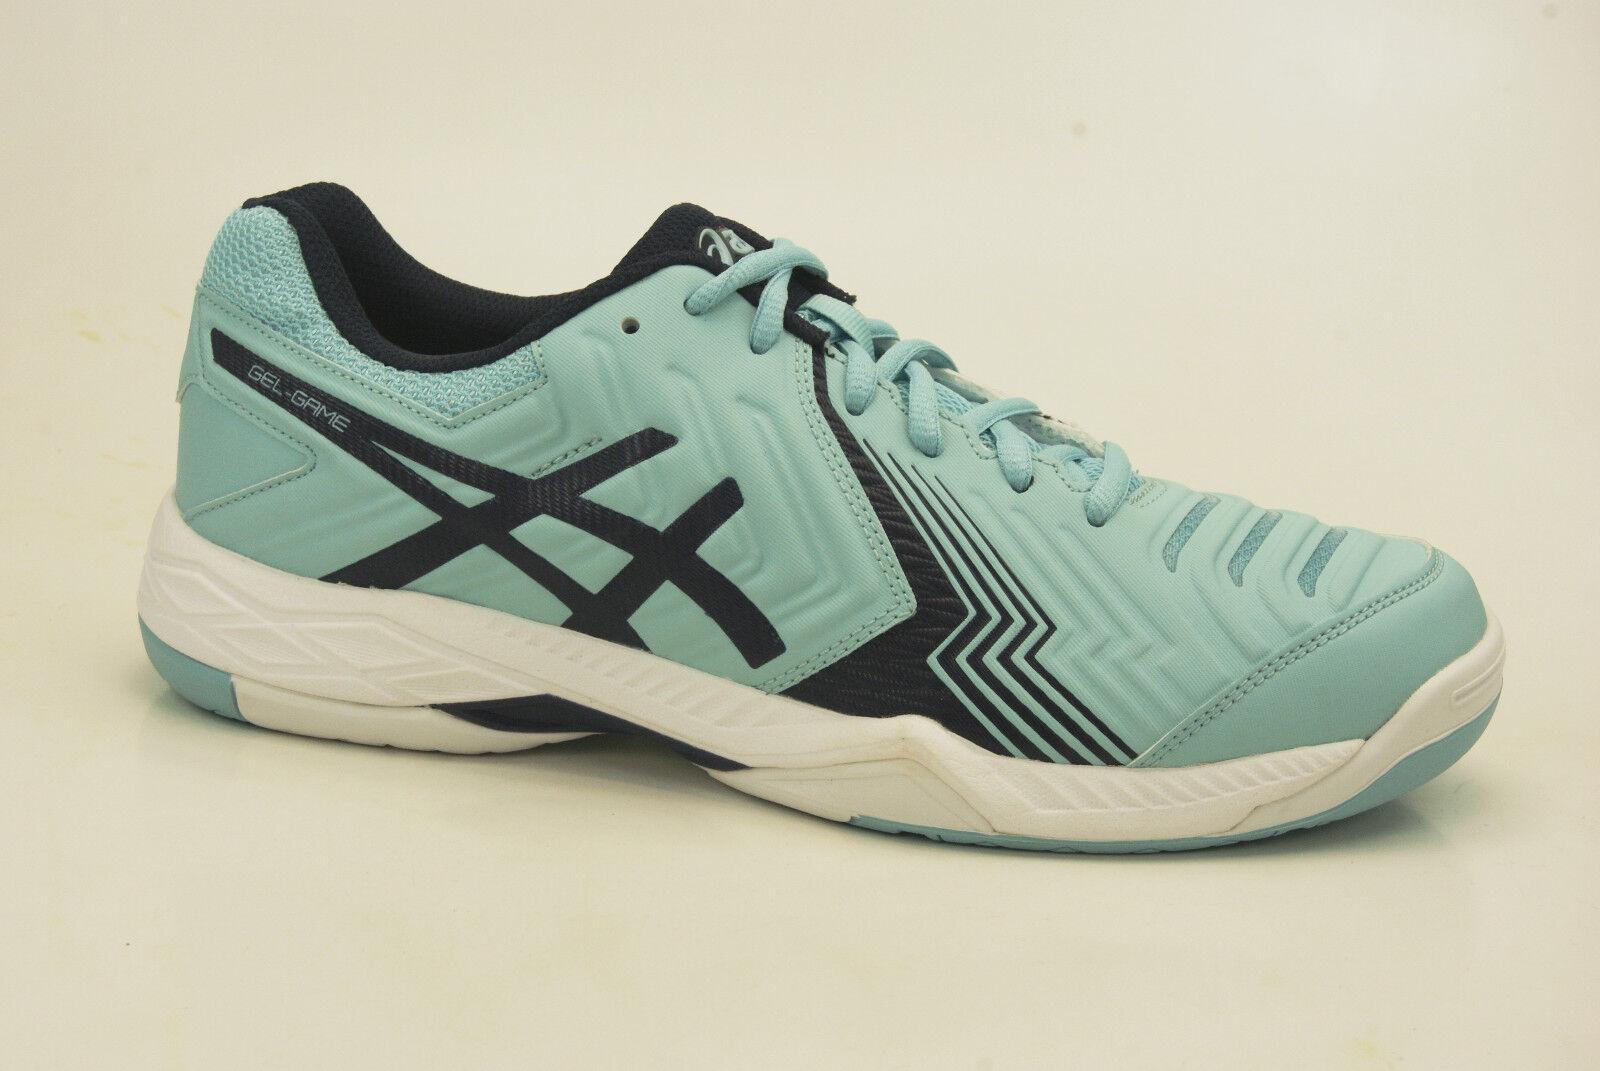 Asics gel-Game 6 tennizapatos zapatillas zapatillas zapatillas calzado deportivo Zapatos señora e755y-1449  suministramos lo mejor